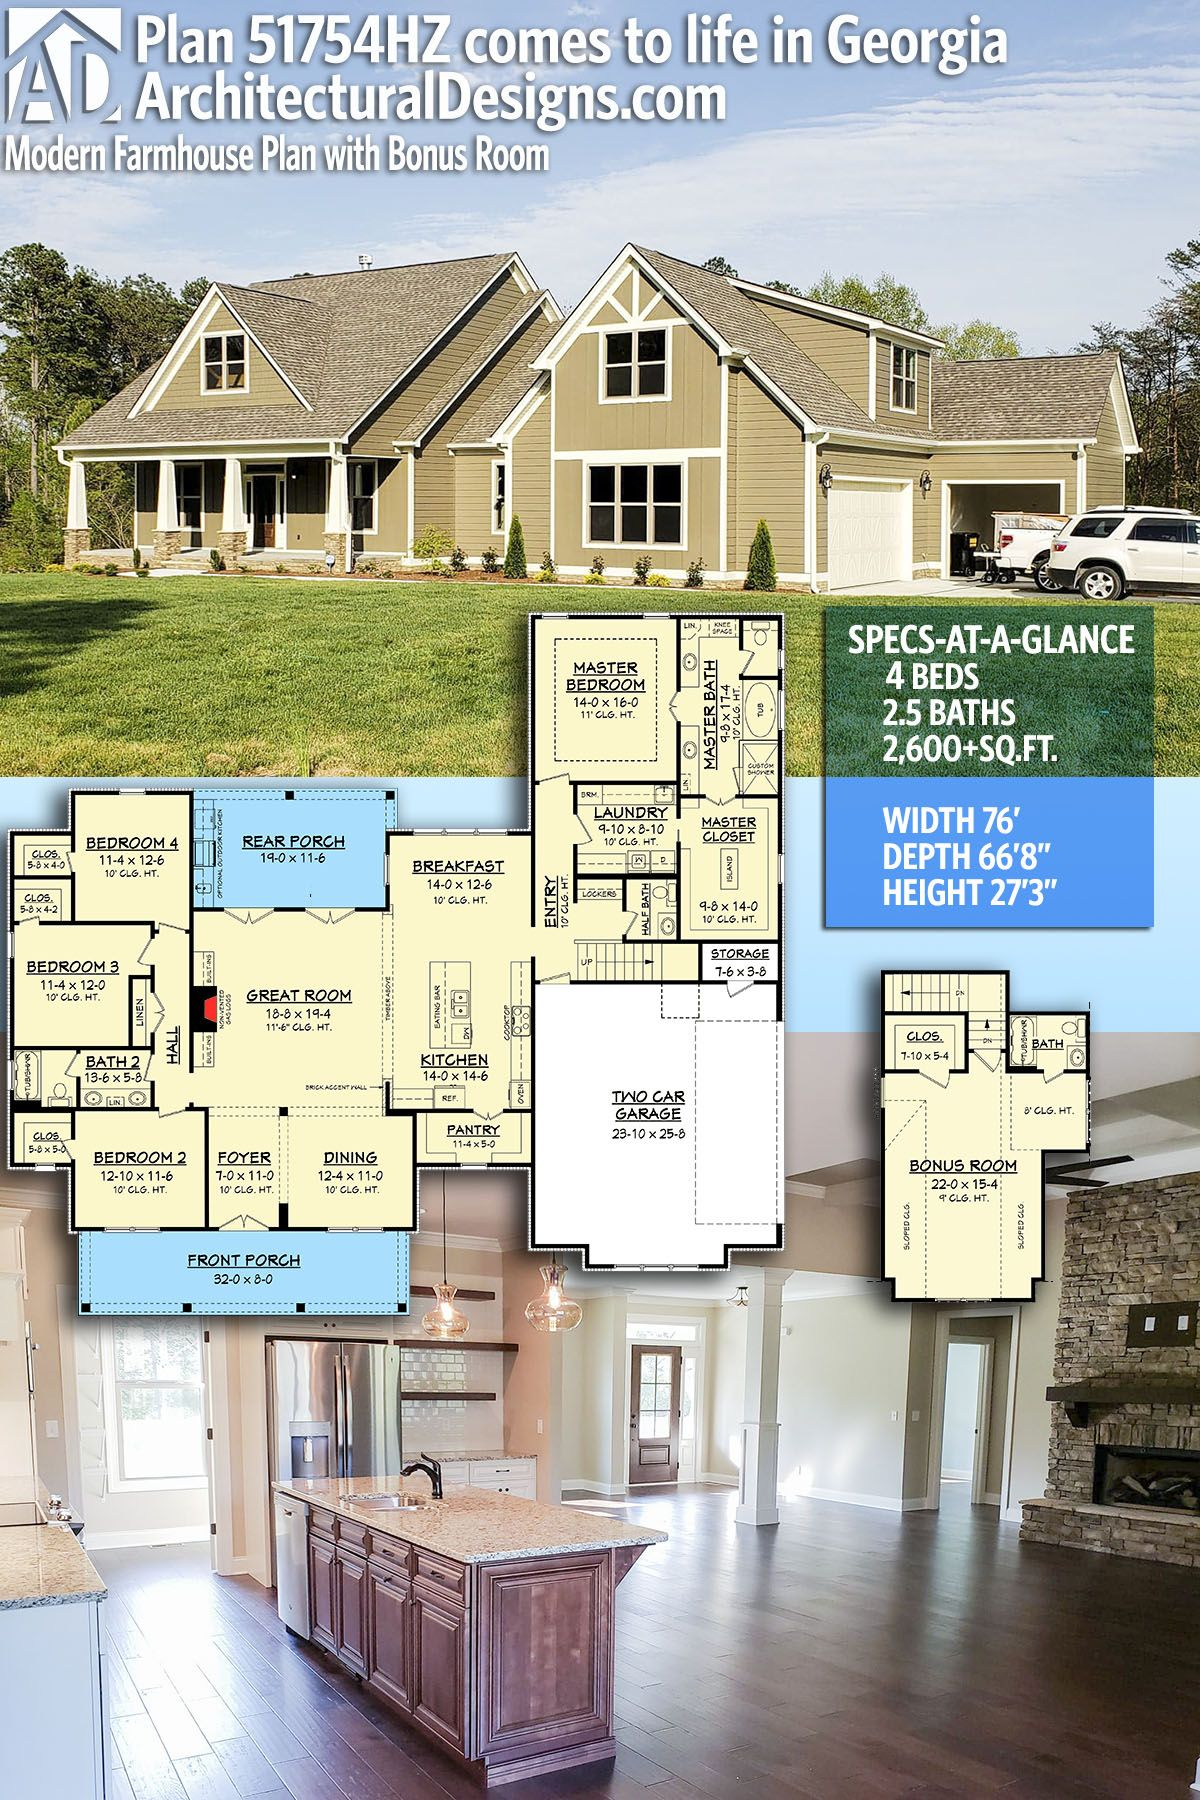 Architectural Designs Modern Farmhouse Plan 51754HZ client built